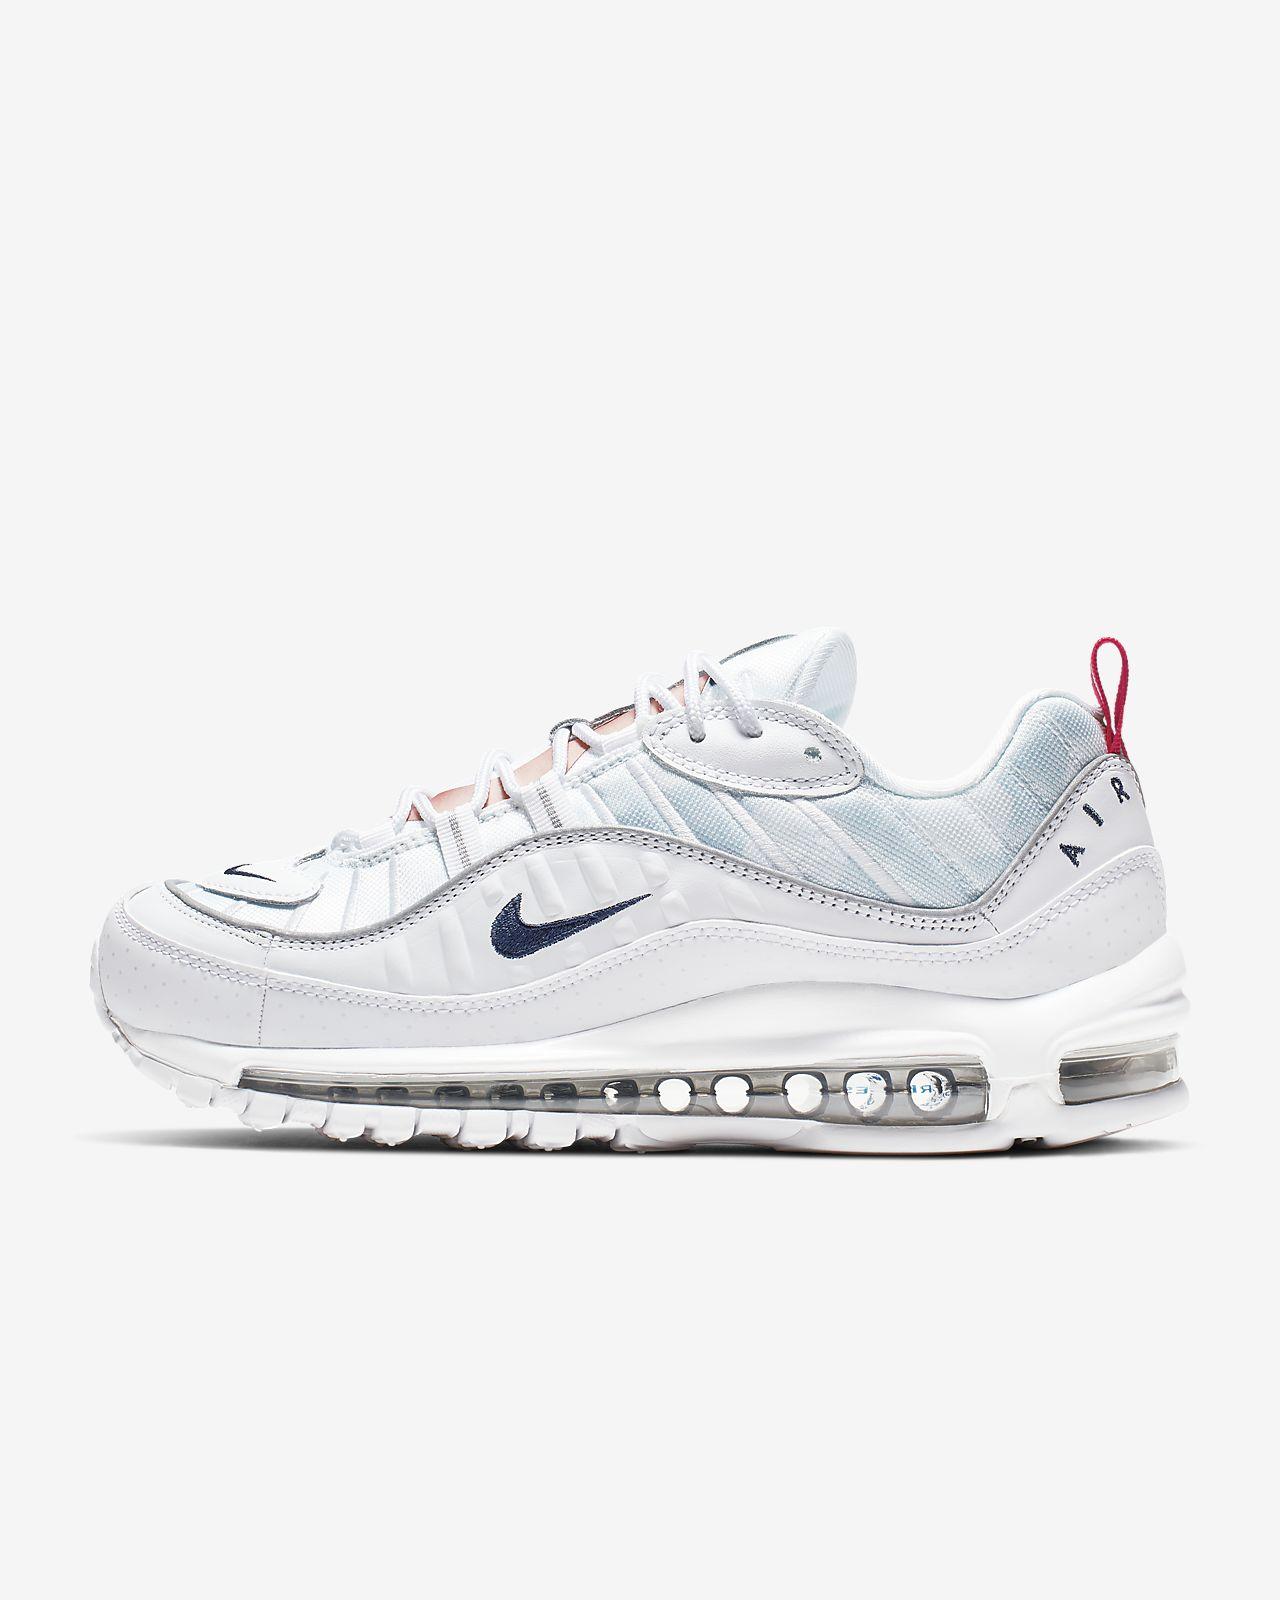 Nike Air Max 98 Premium Unité Totale női cipő